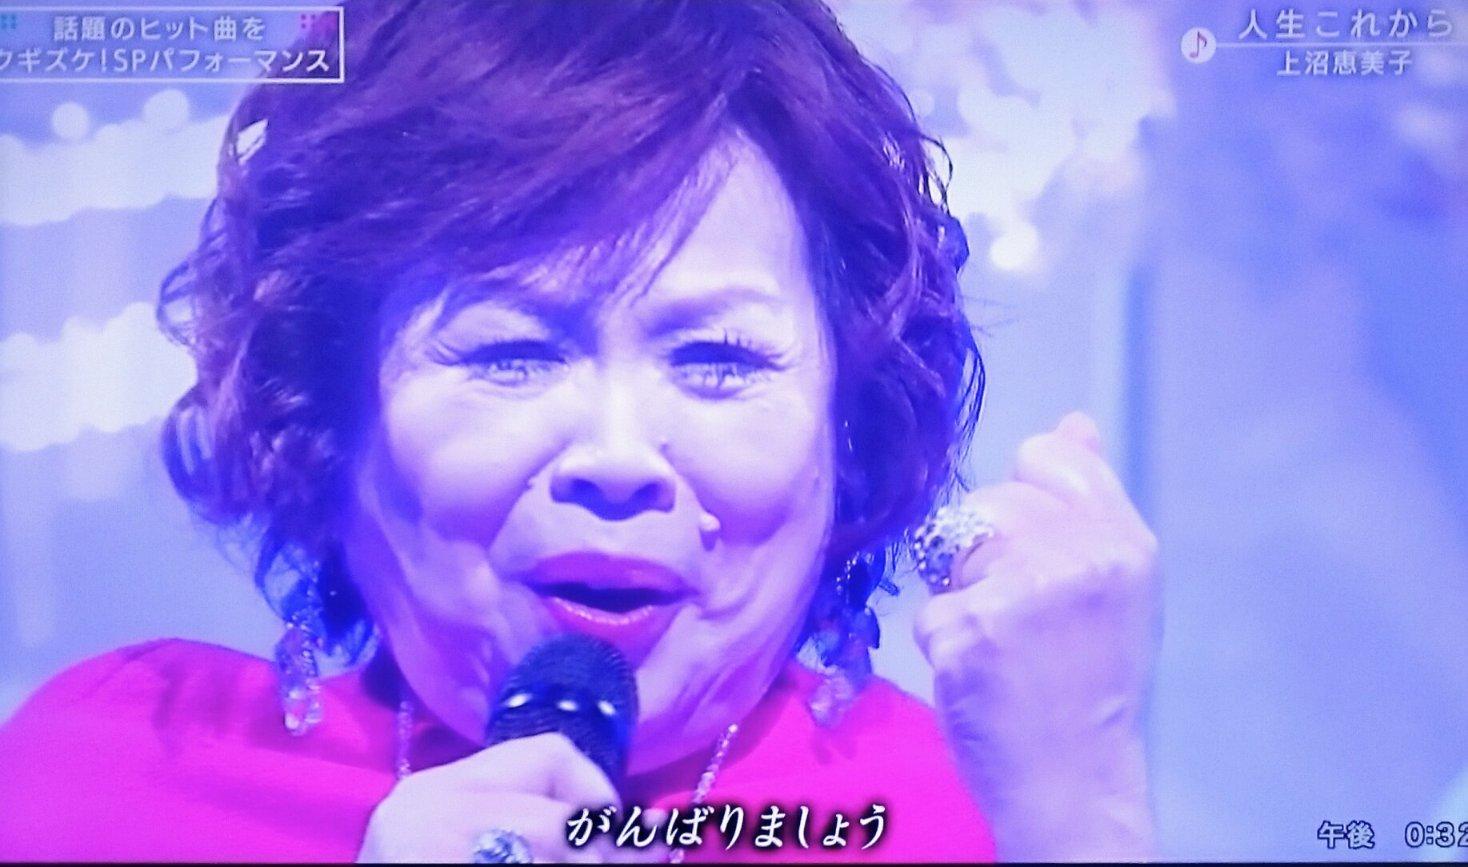 恵美子 上沼 人生 これから